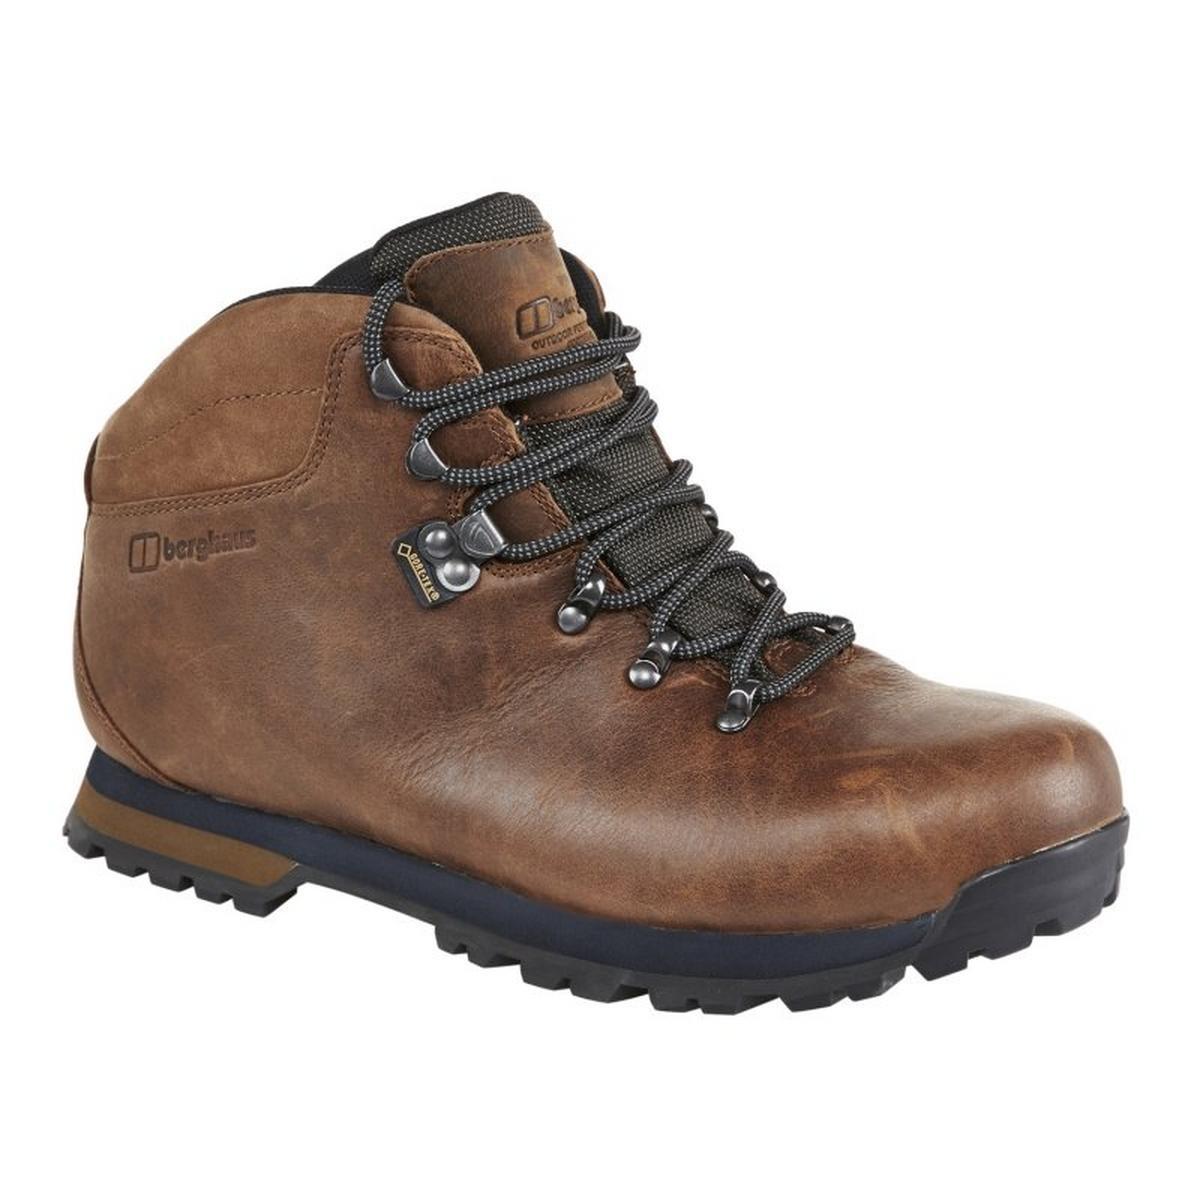 Berghaus Men's Hillwalker II Gore-Tex Walking Boots